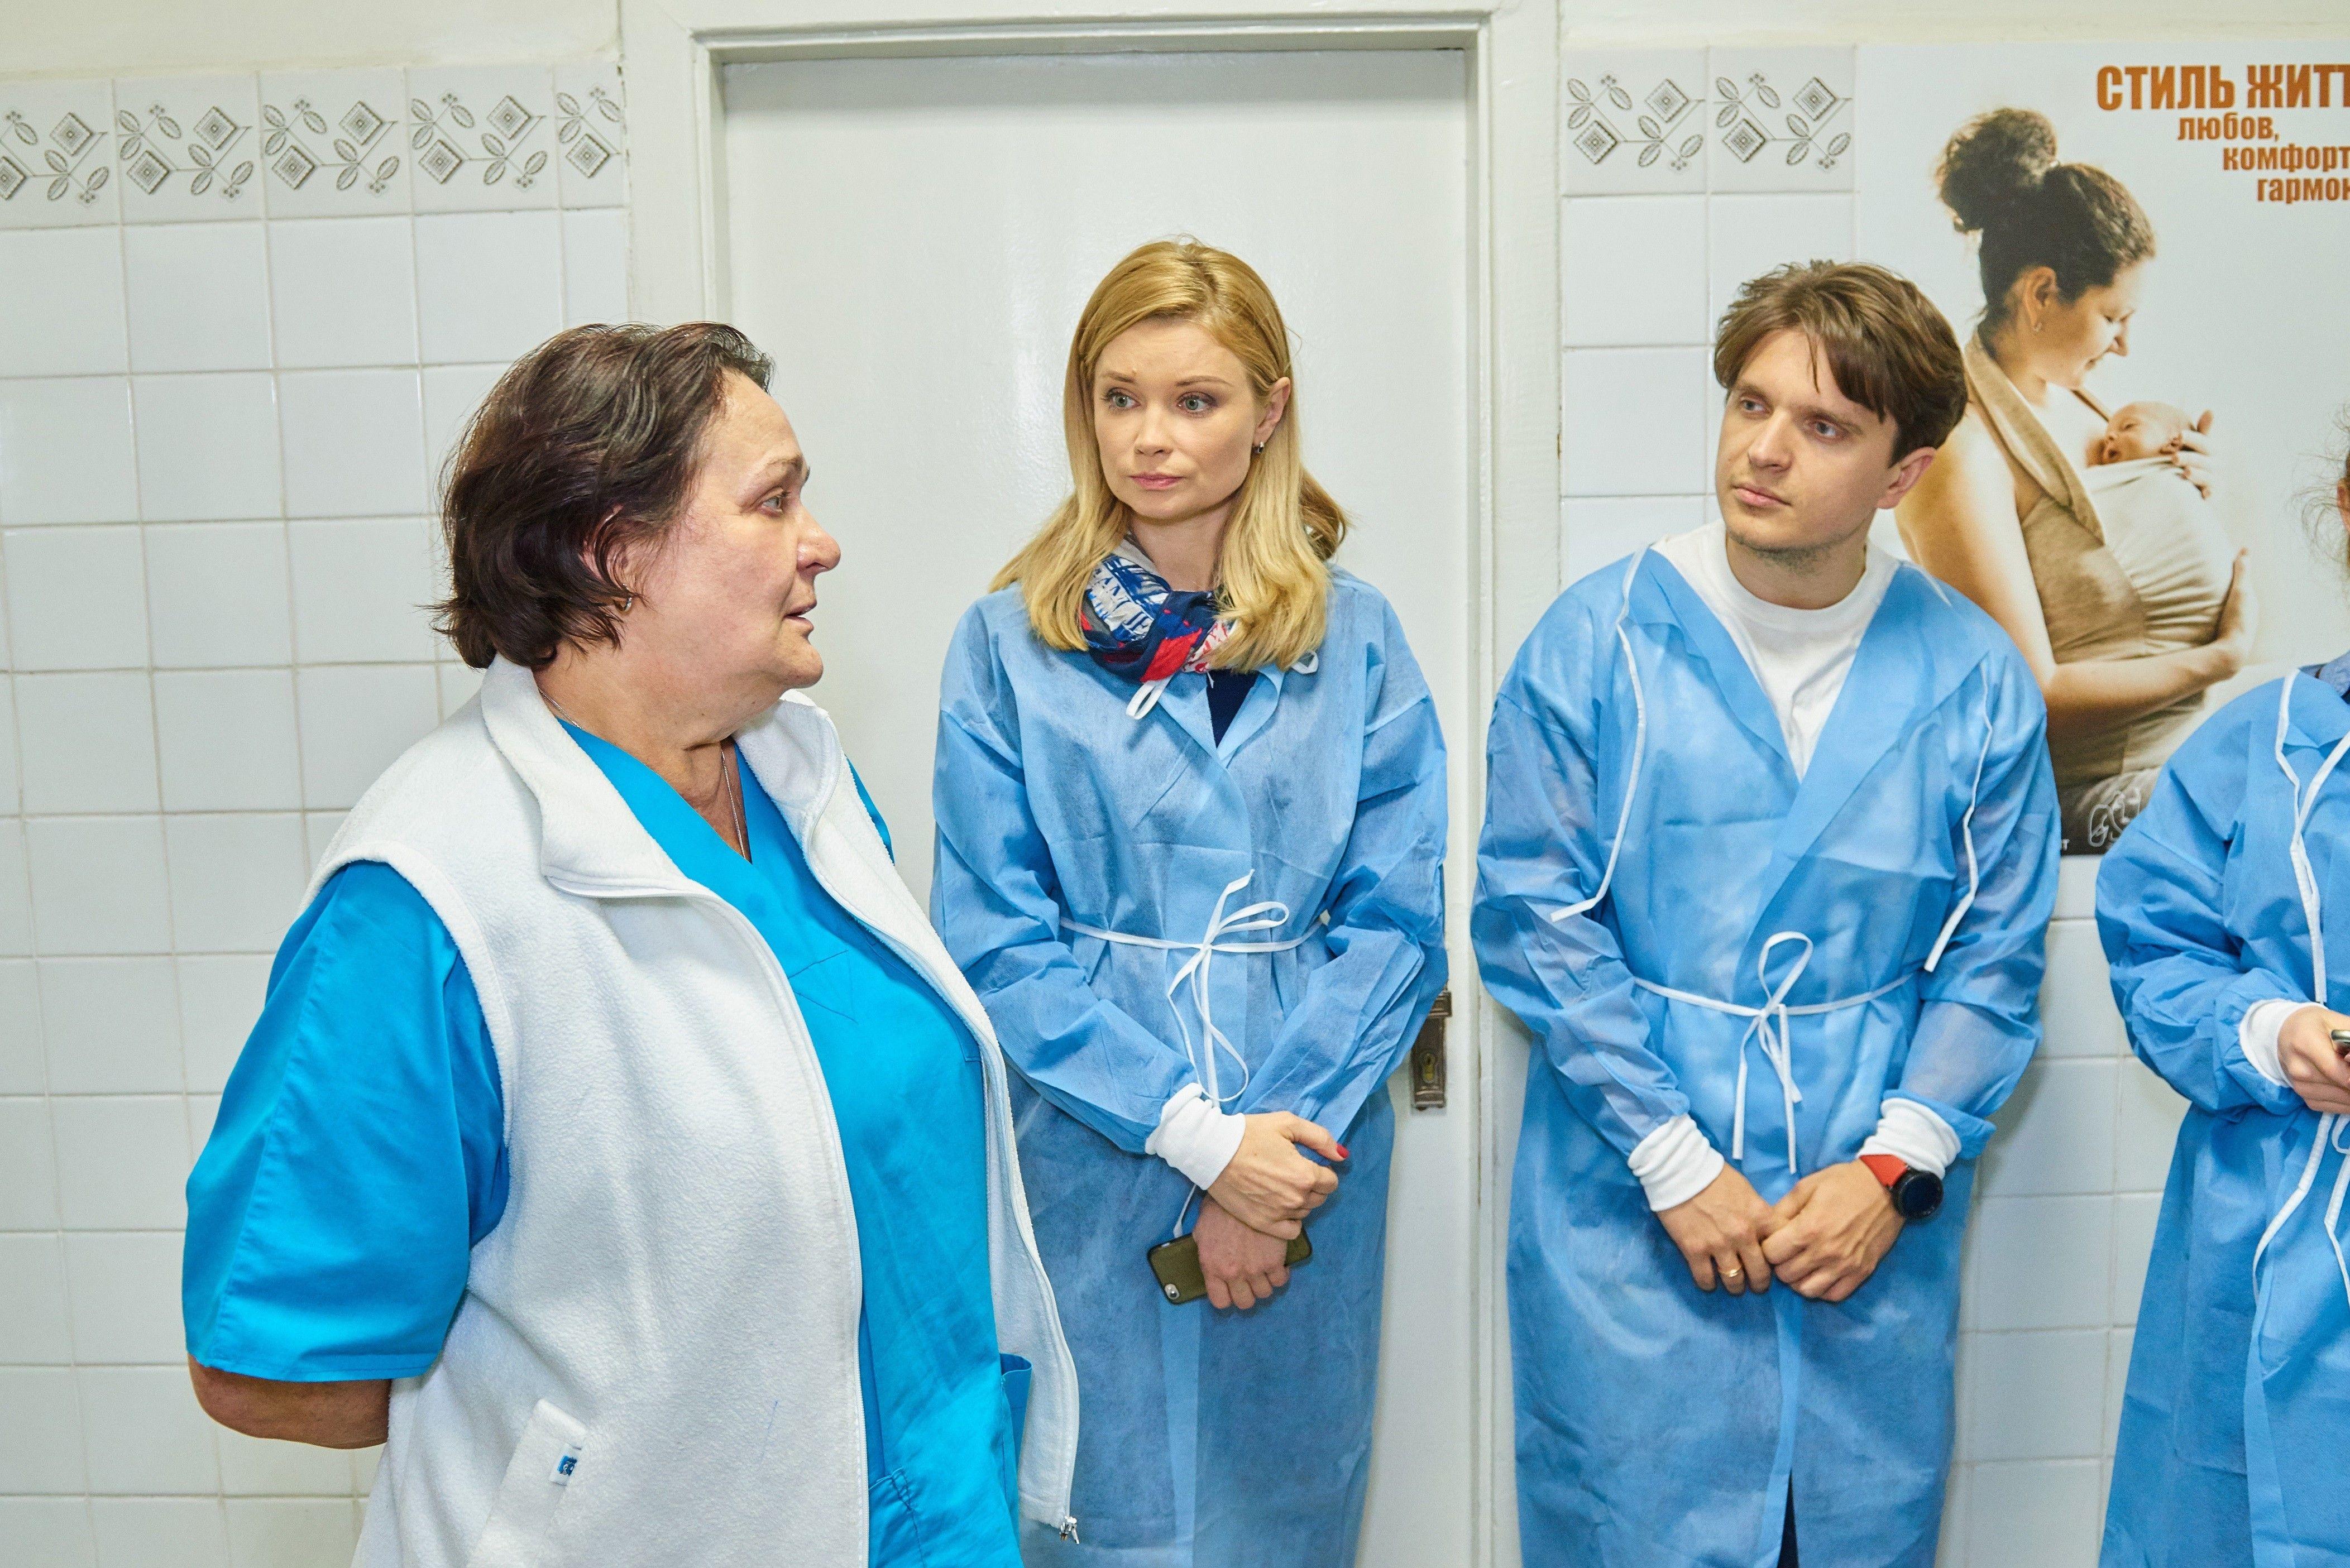 Лідія Таран і Анатолій Анатоліч відвідали Національну дитячу лікарню «ОХМАТДИТ» _6